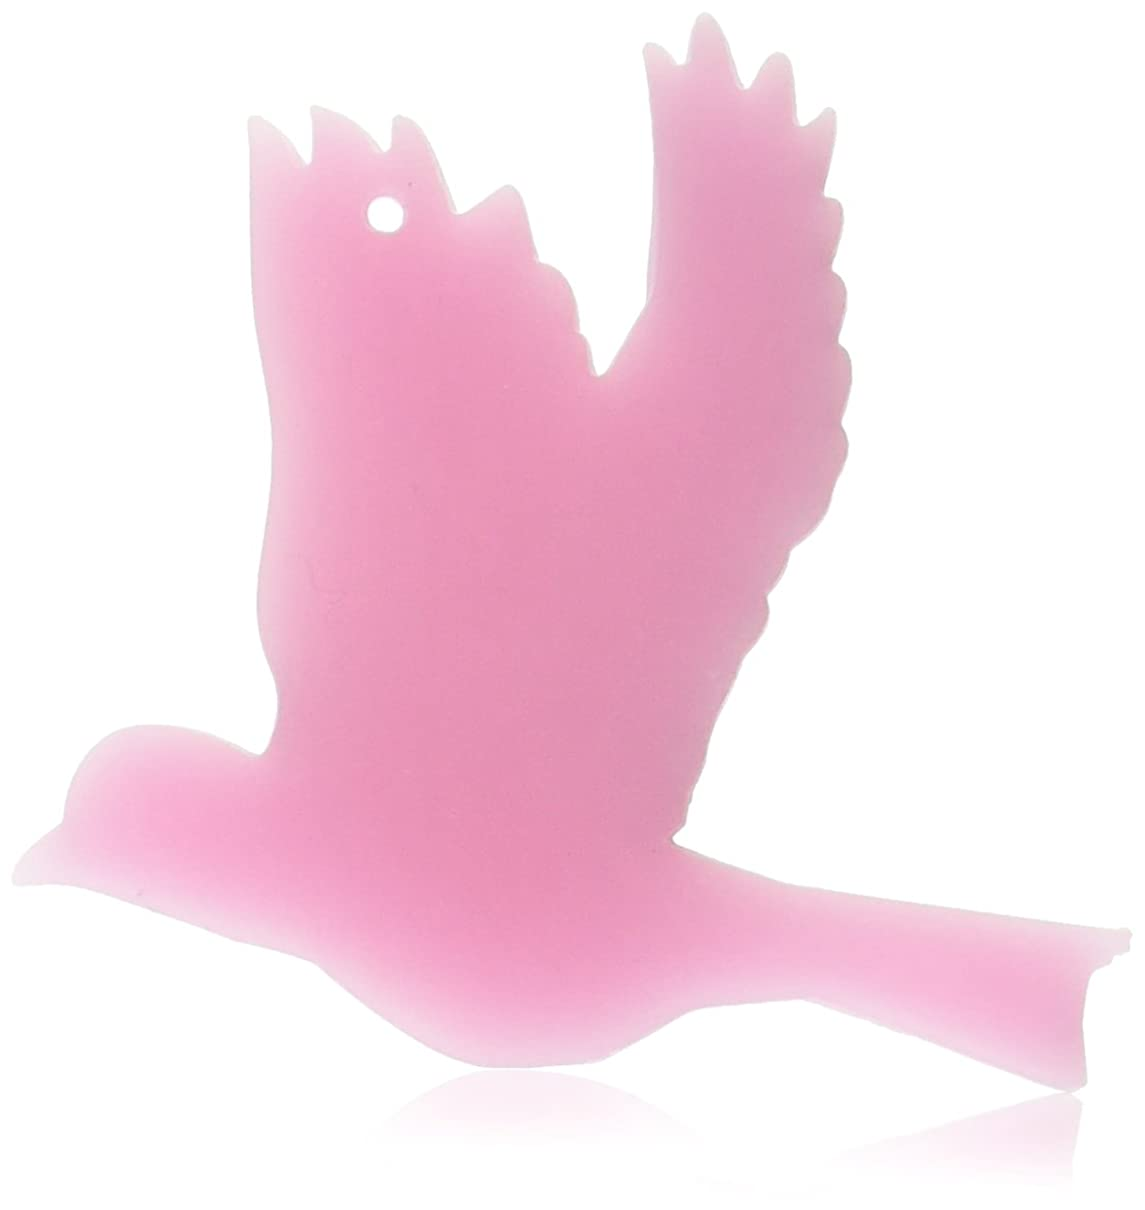 からゲート寄付するGRASSE TOKYO AROMATICWAXチャーム「ハト」(PI) ゼラニウム アロマティックワックス グラーストウキョウ